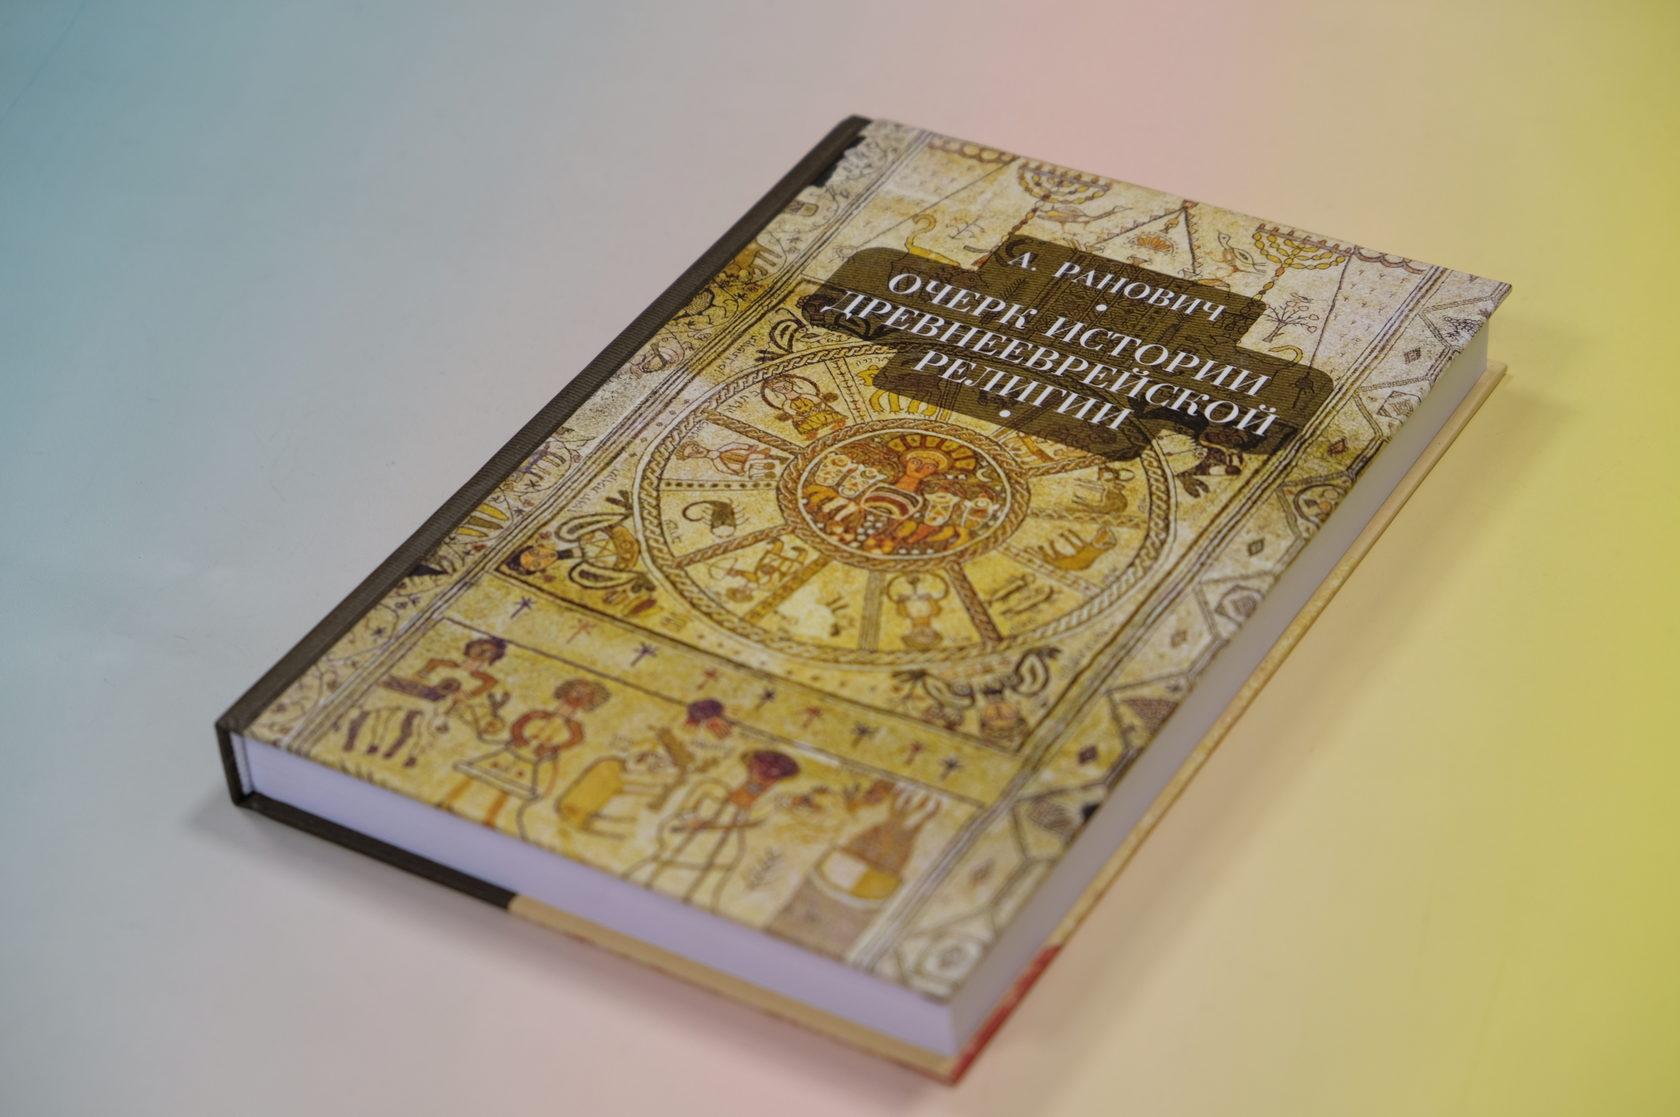 Абрам Ранович «Очерки истории древнееврейской религии» 978-5-907115-50-7